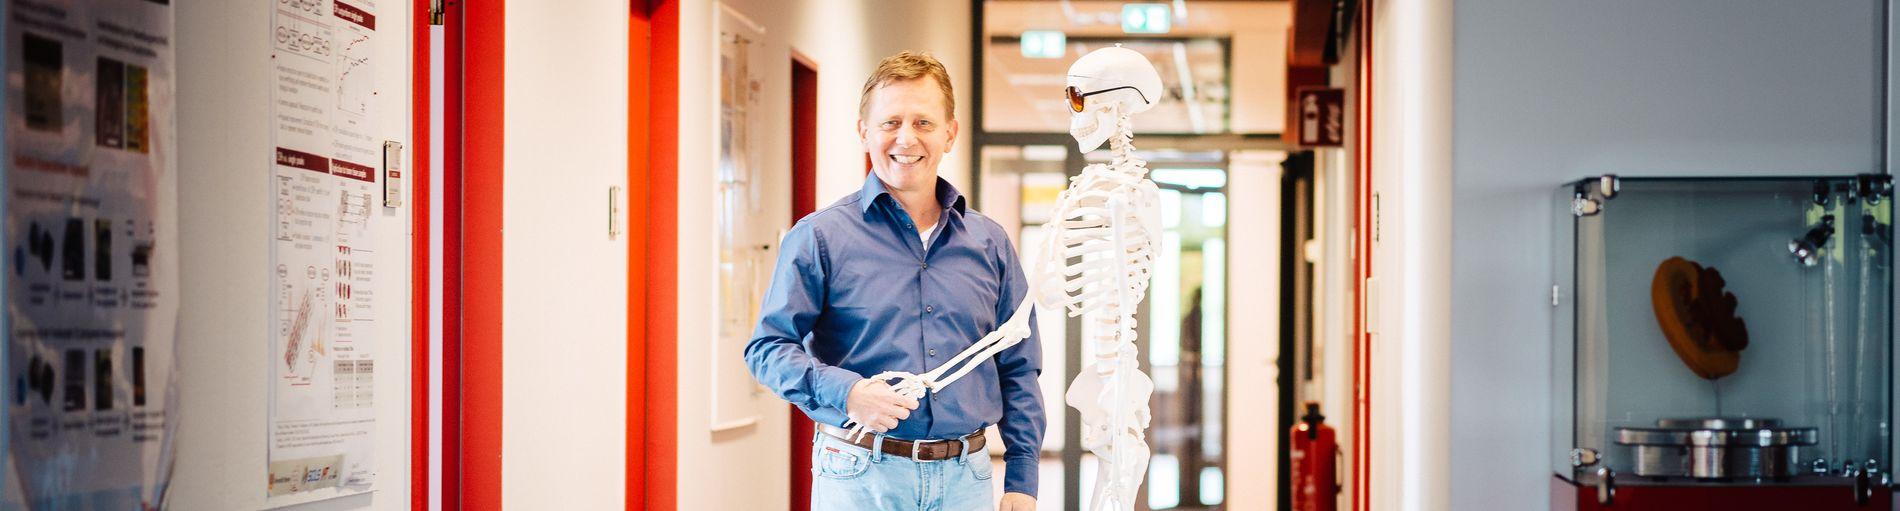 Ein Mann schüttelt einem Skelett die Hand und lächelt.